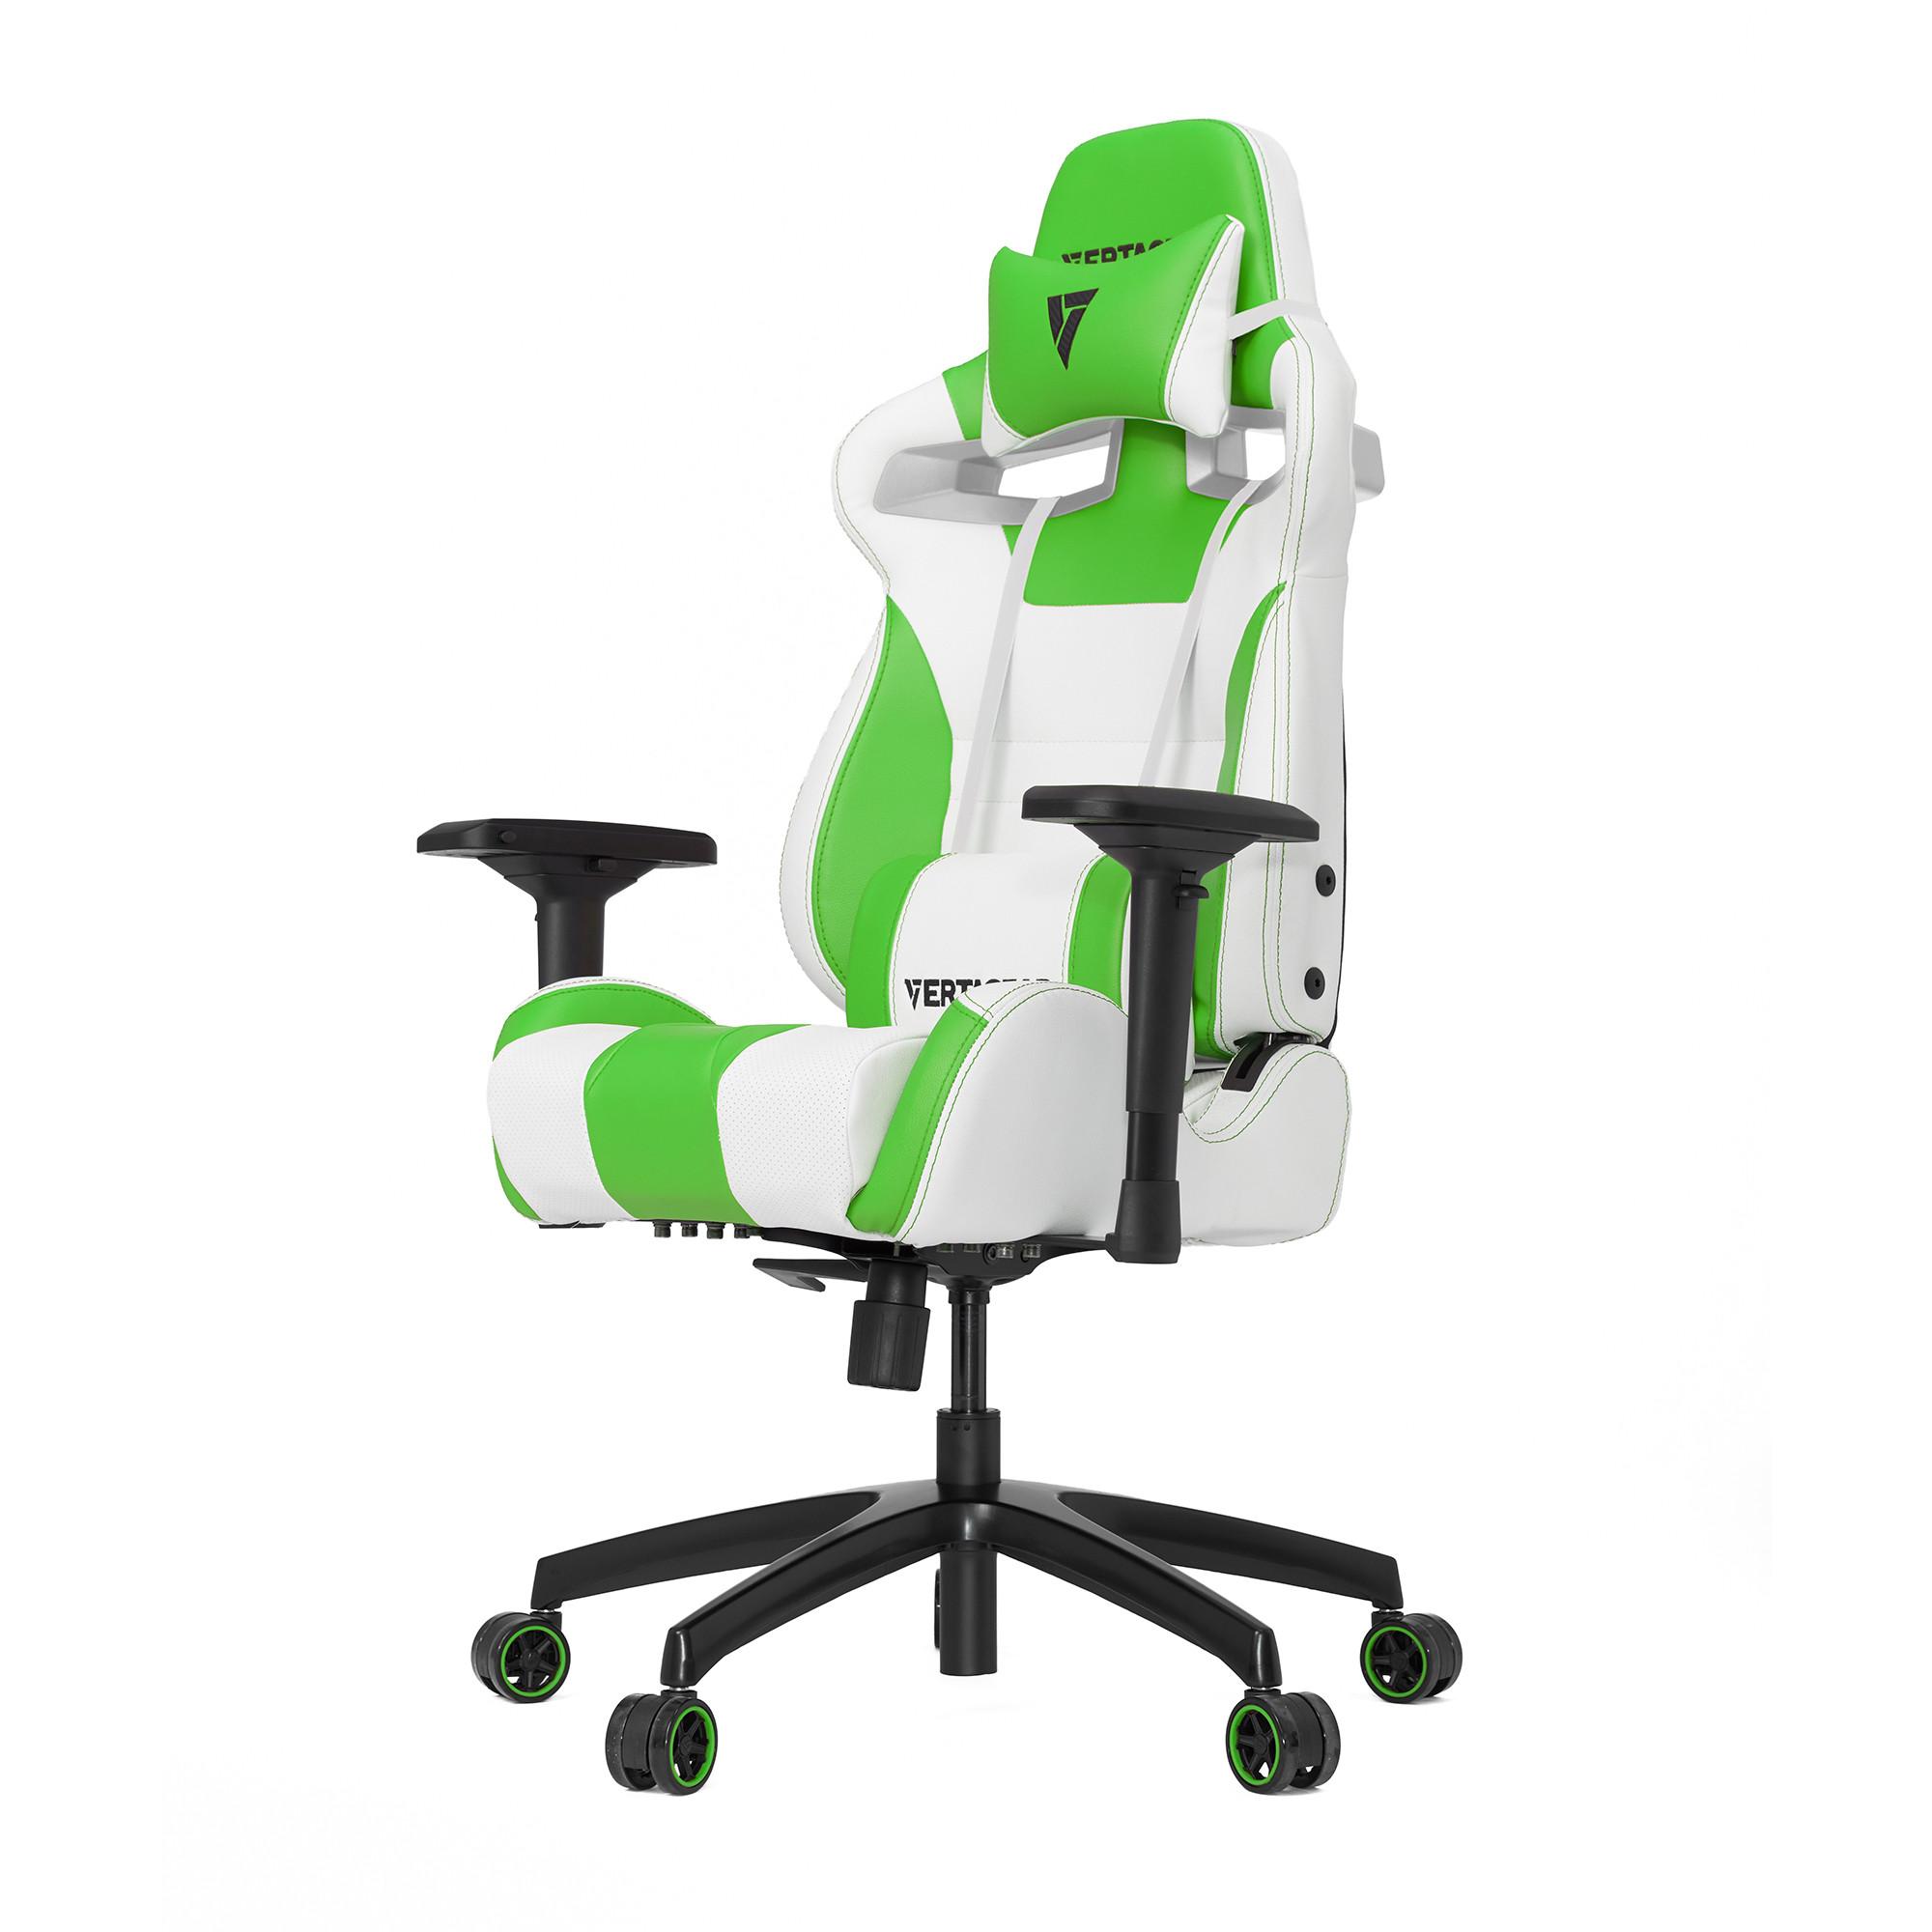 Профессиональное киберспортивное кресло Vertagear SL4000 белый/зеленыйНабивка в SL-4000 сделанная из высокоплотной эластичной пены, которая добавляет отличную поддержку и удобство в положении сидя.&#13;<br>&#13;<br>Элегантное исполнение модели SL-4000 сделано из высококачественной PVC кожи, которая делает покрытие невероятно прочным и дает креслу роскошный вид. Этот материал легко чистить и поддерживать в хорошем состоянии, благодаря цветной прошивке и водозащитным характеристикам.<br>